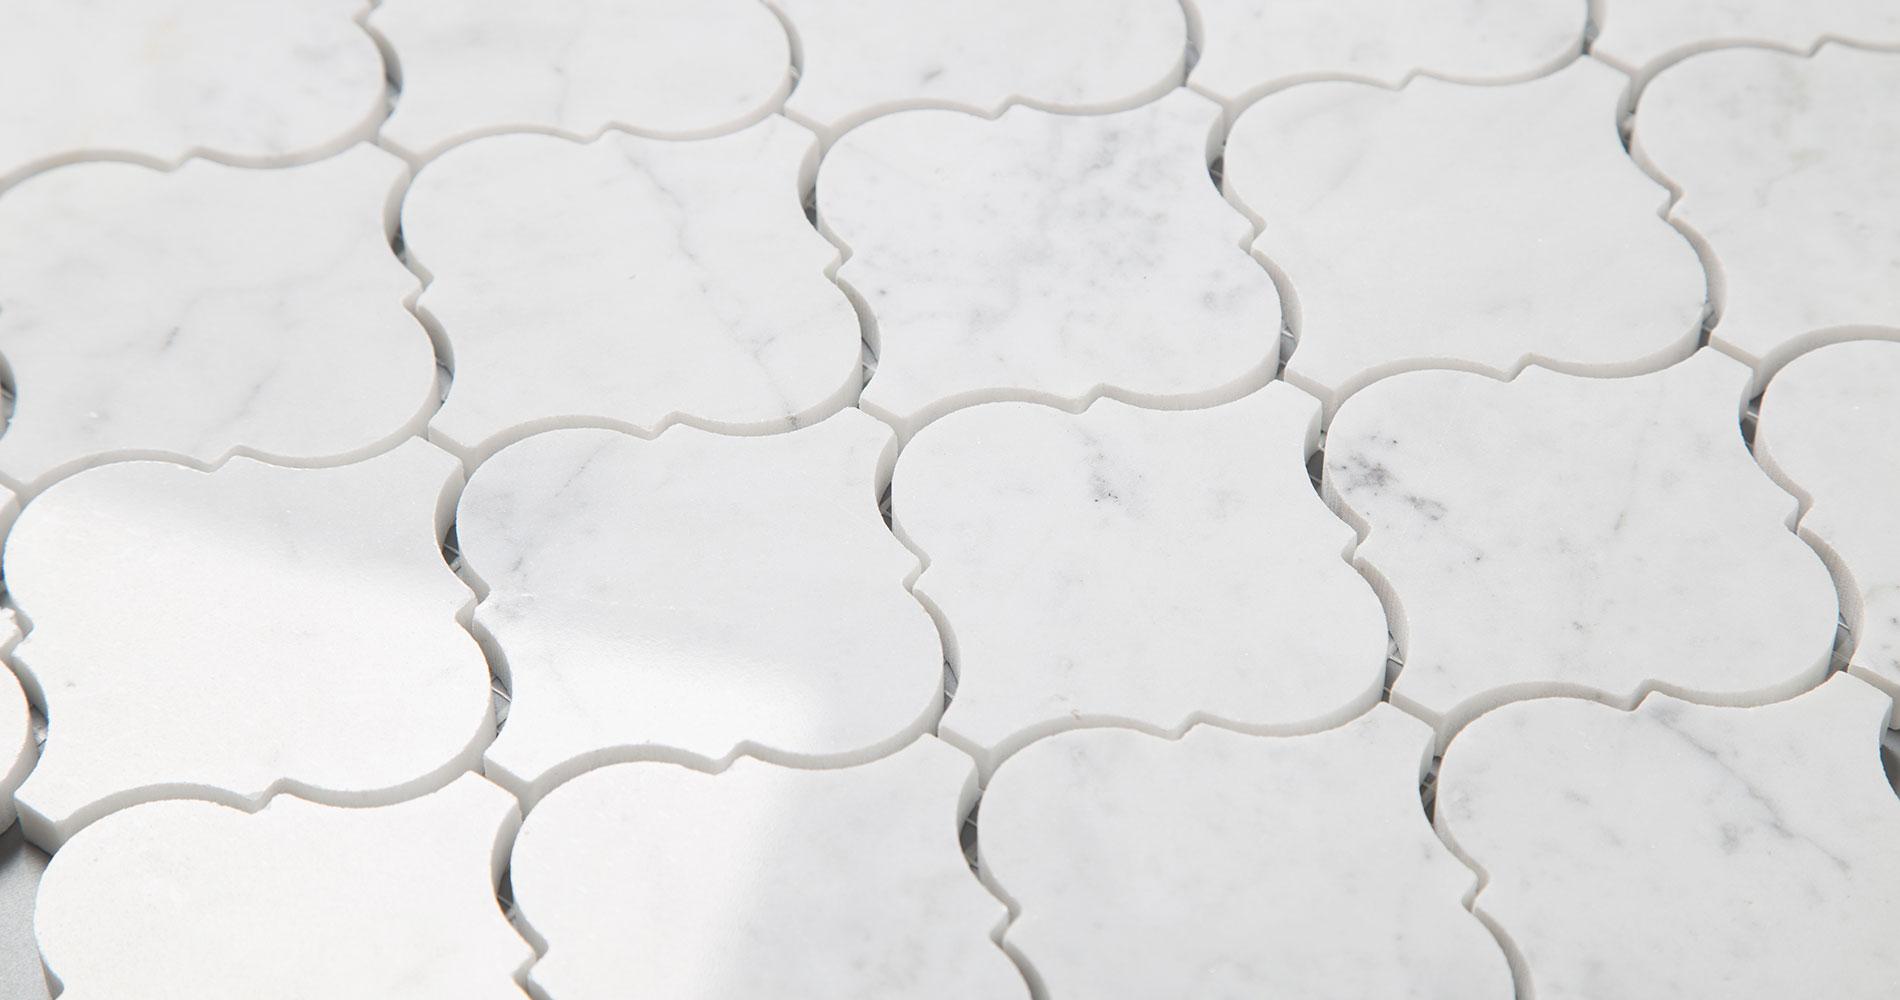 centurymosaic-Carrara-Arabesque-Marble-Mosaic-Tile-Collection-2